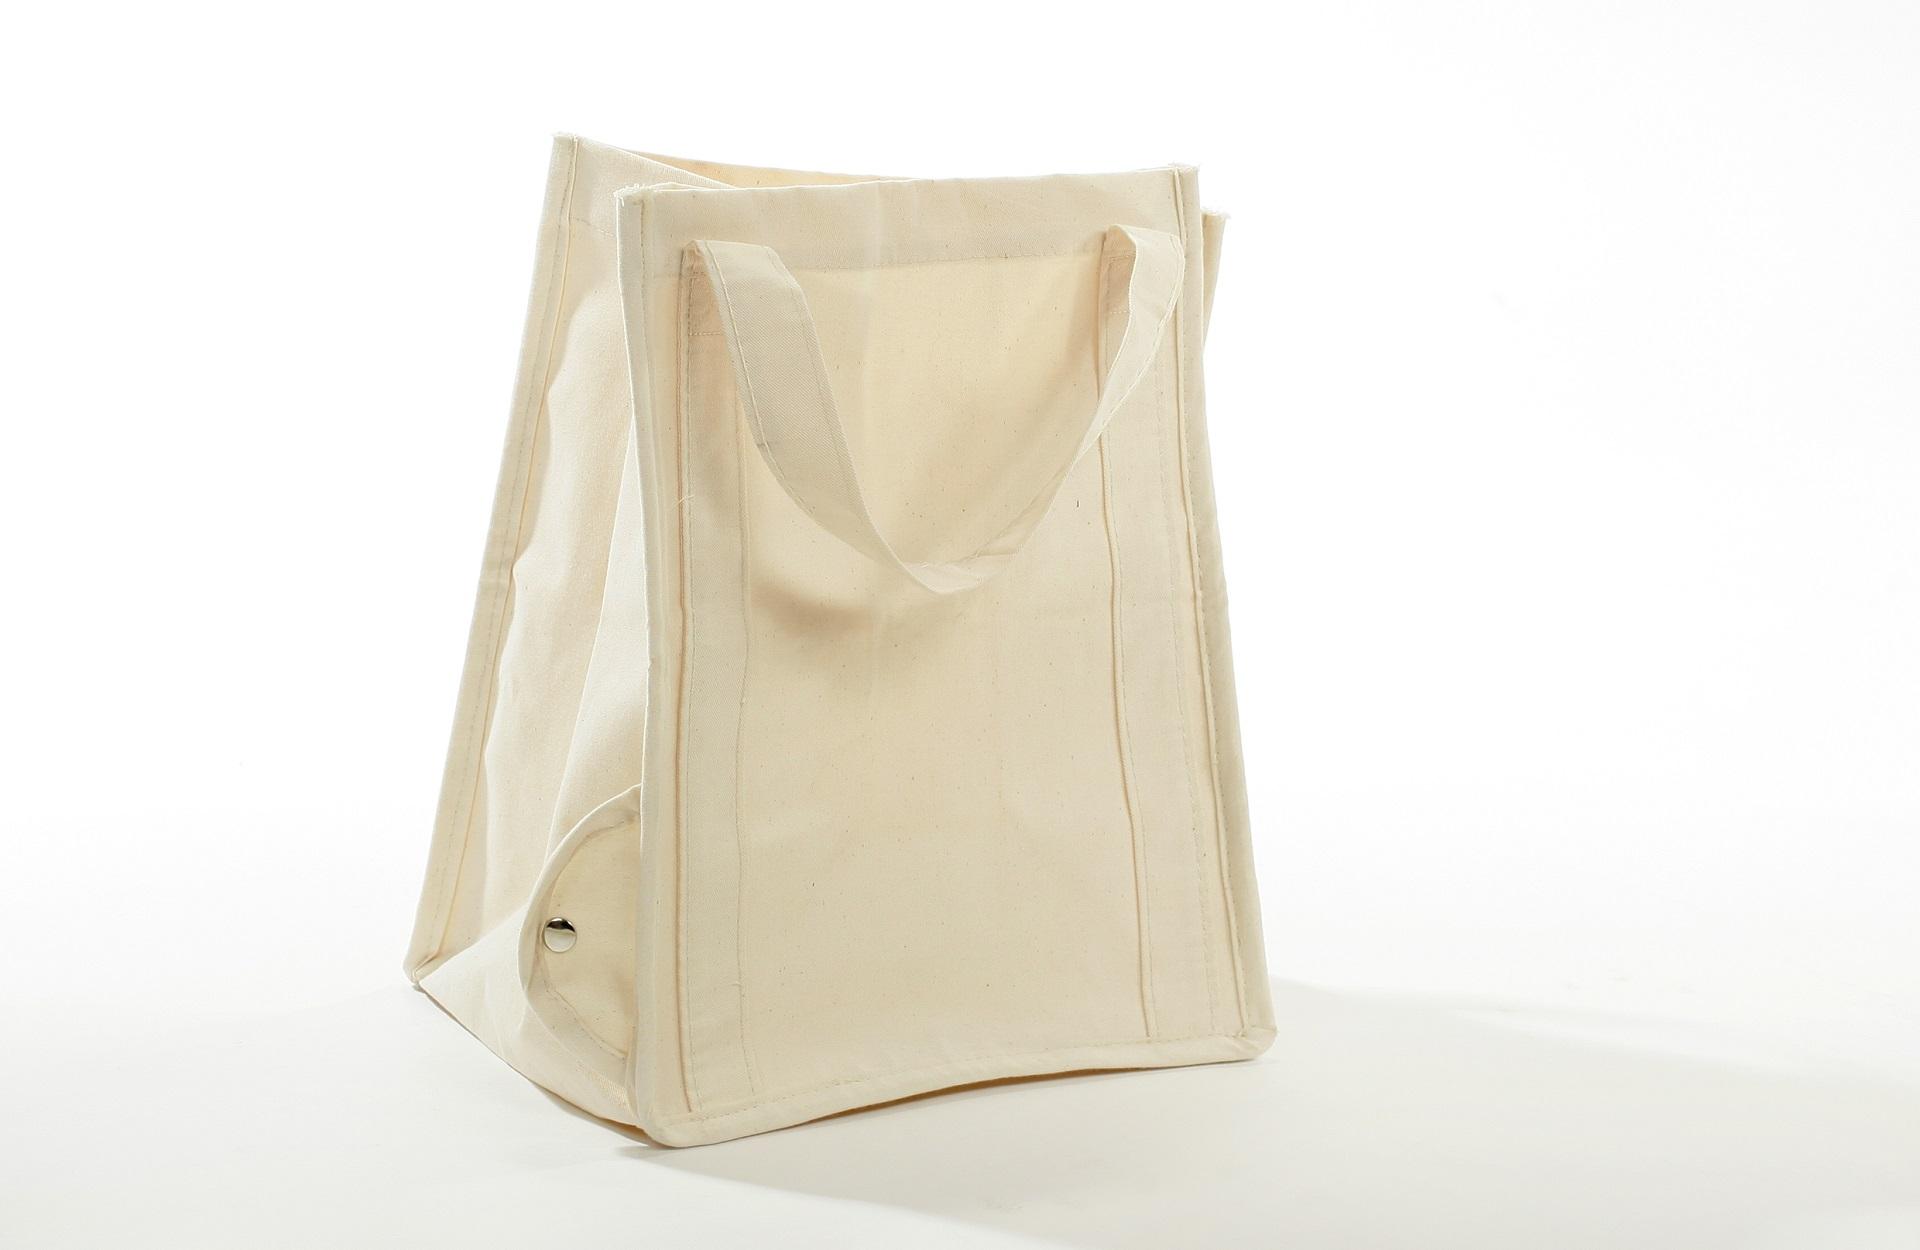 Baumwolle Öko-Taschen (4)